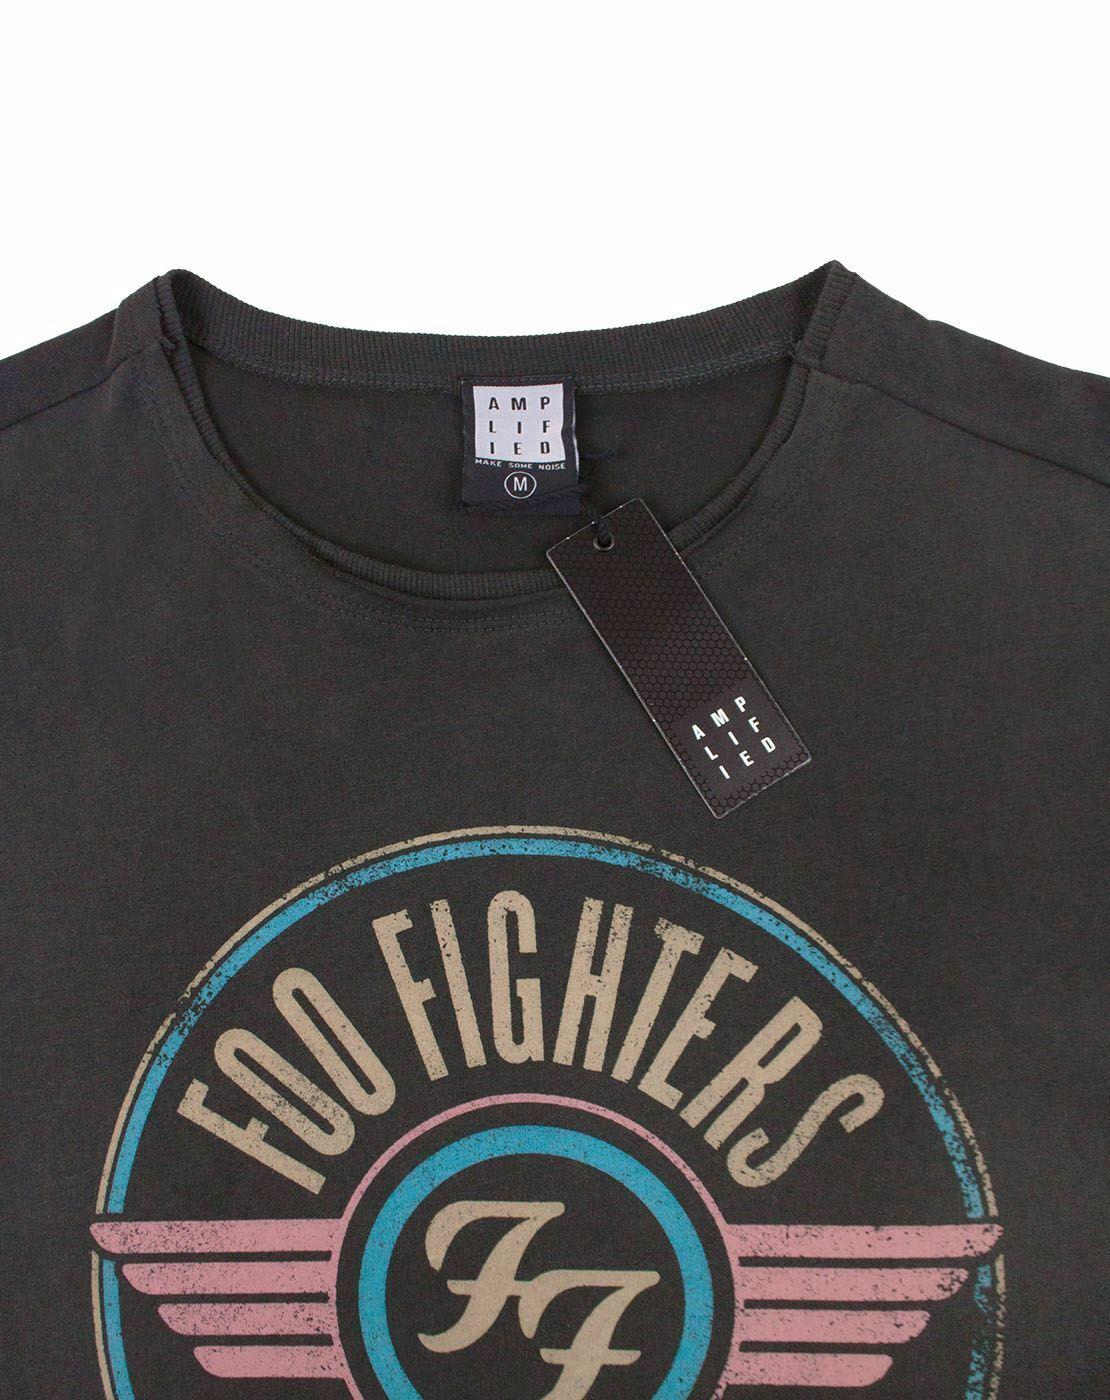 Amplificado-Foo-Fighters-FF-aire-para-hombre-Camiseta miniatura 8